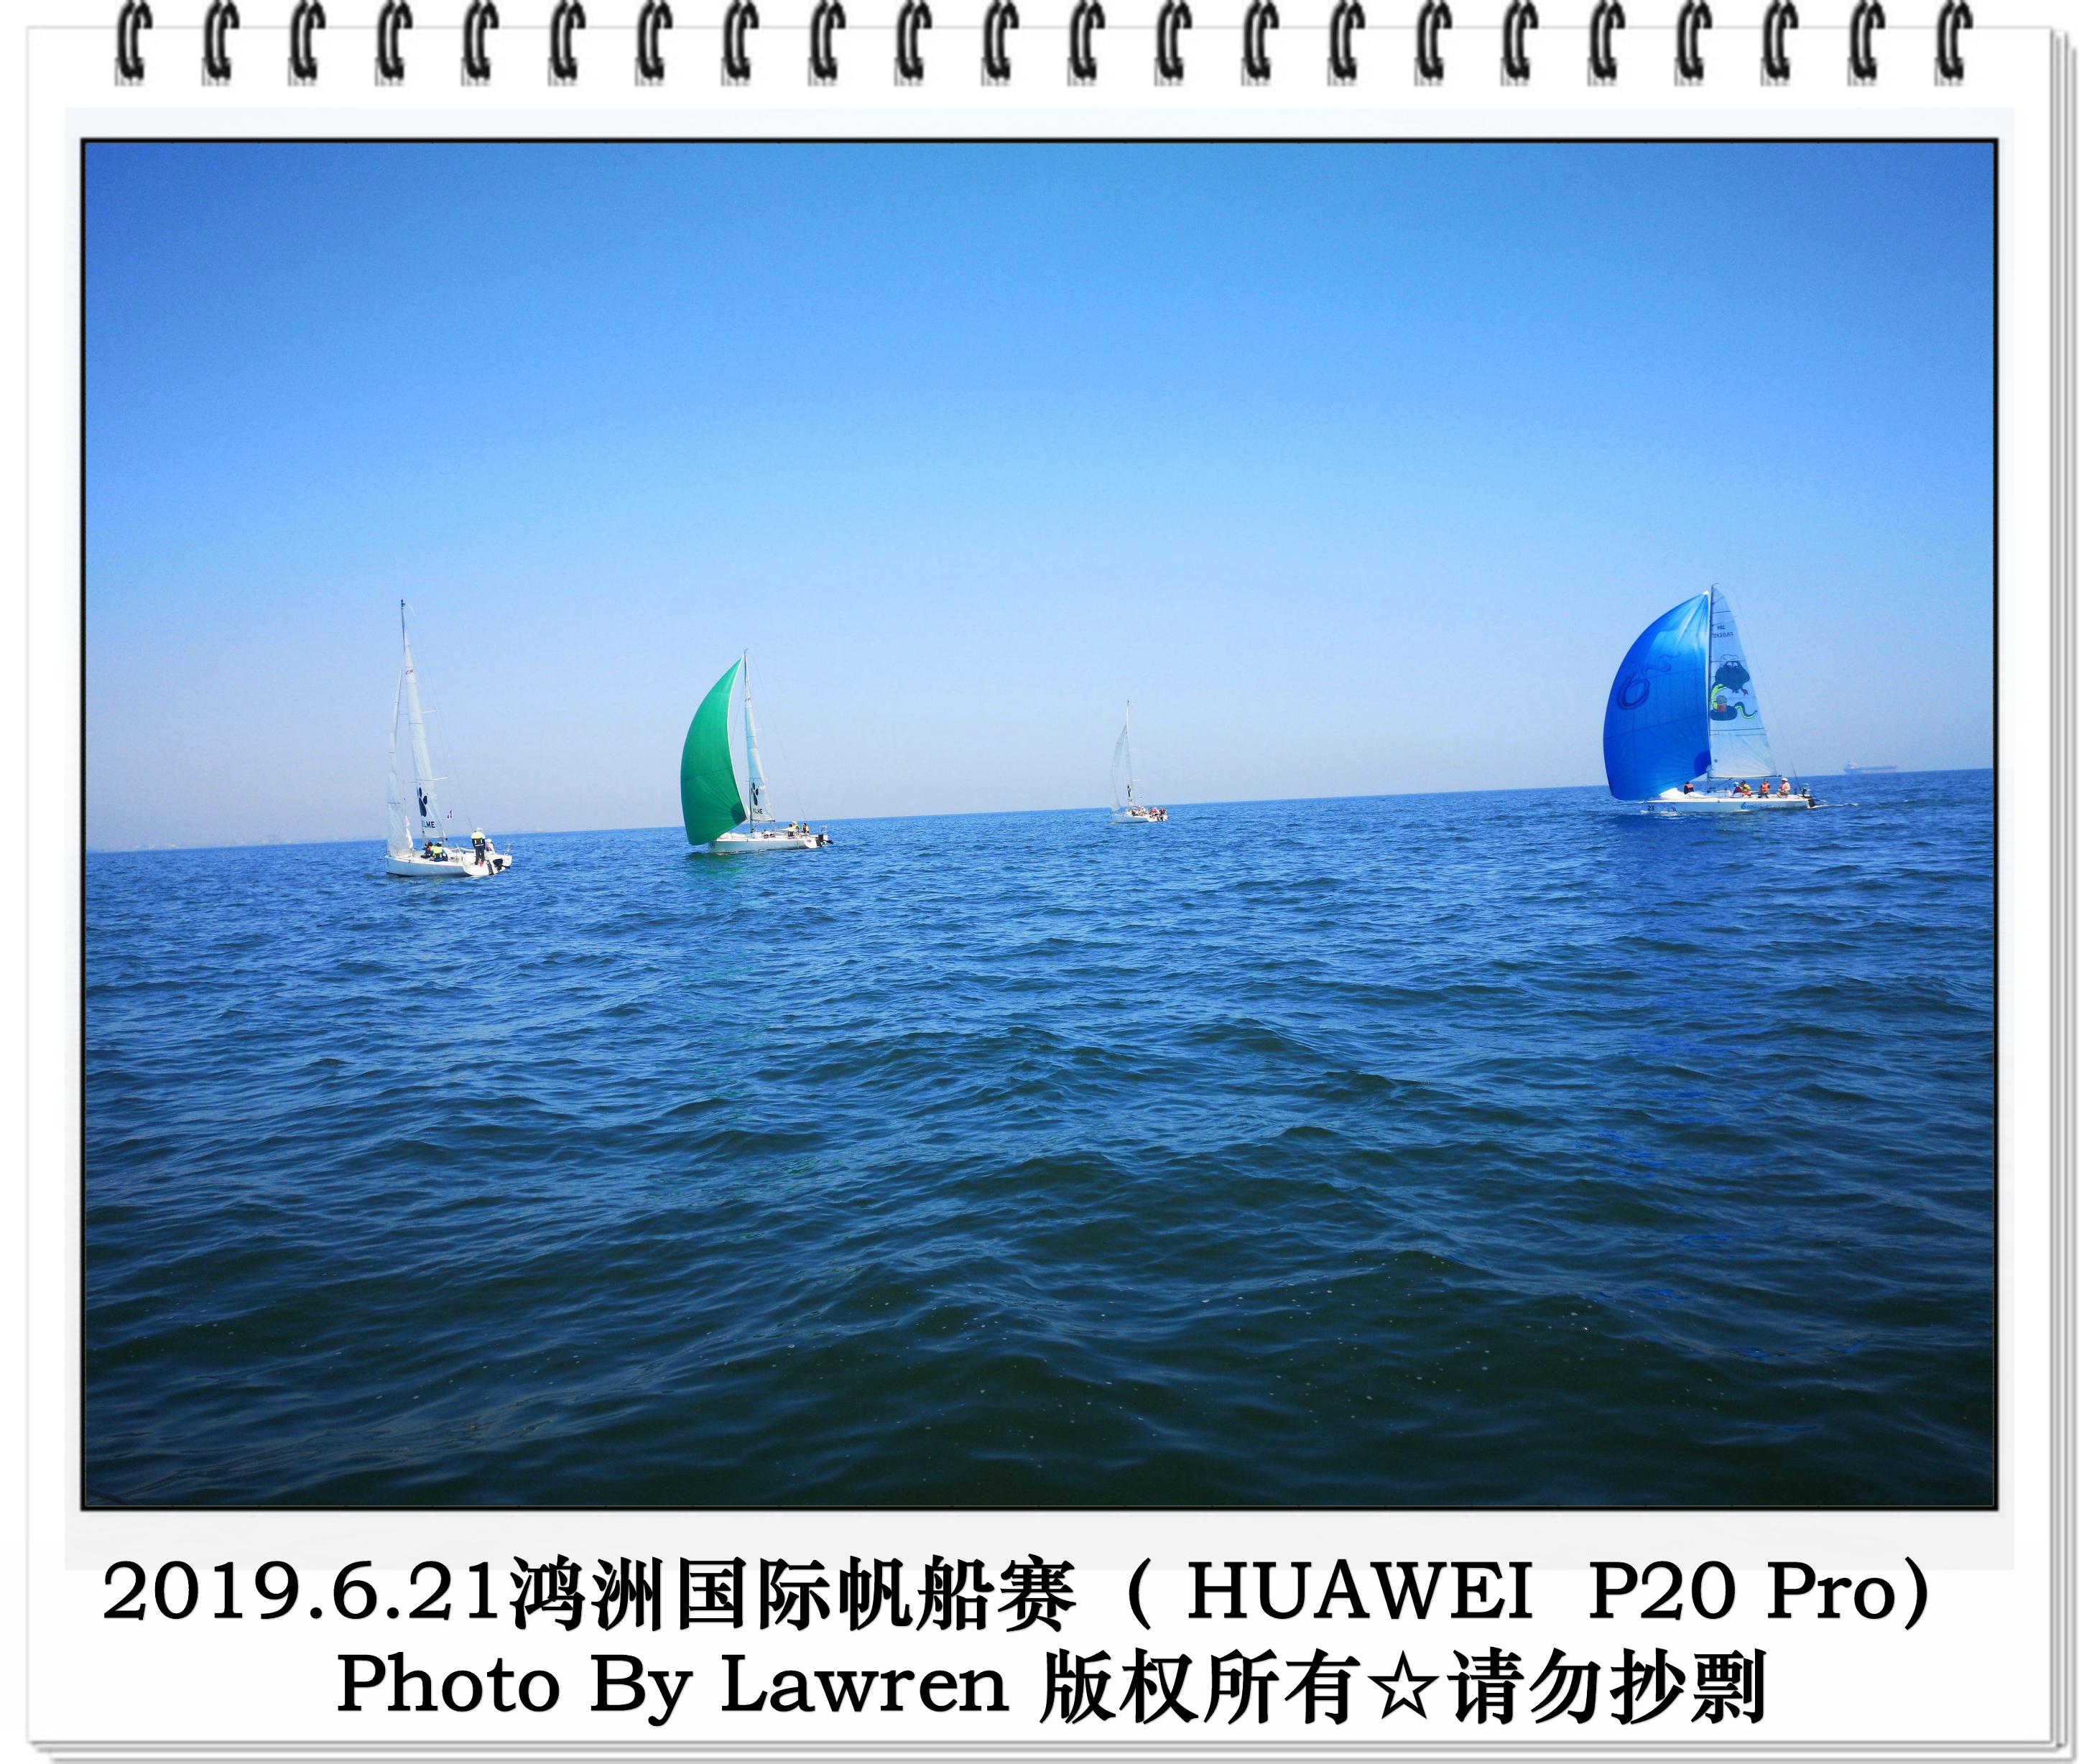 这次,老师,厂房,不过,改建 又见珐伊28,扬帆再起航 ——2019.6.21秦皇岛鸿洲国际游艇俱乐部帆船赛纪实  123233z95v299e